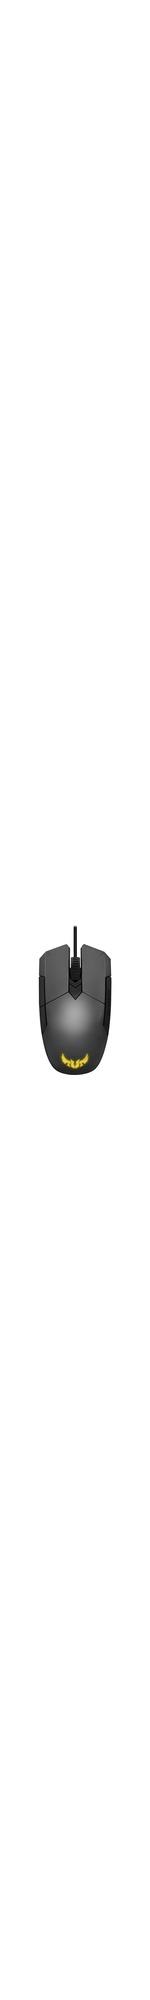 ASUS TUF Gaming M5 ambidextrous ergonomic RGB gaming mouse